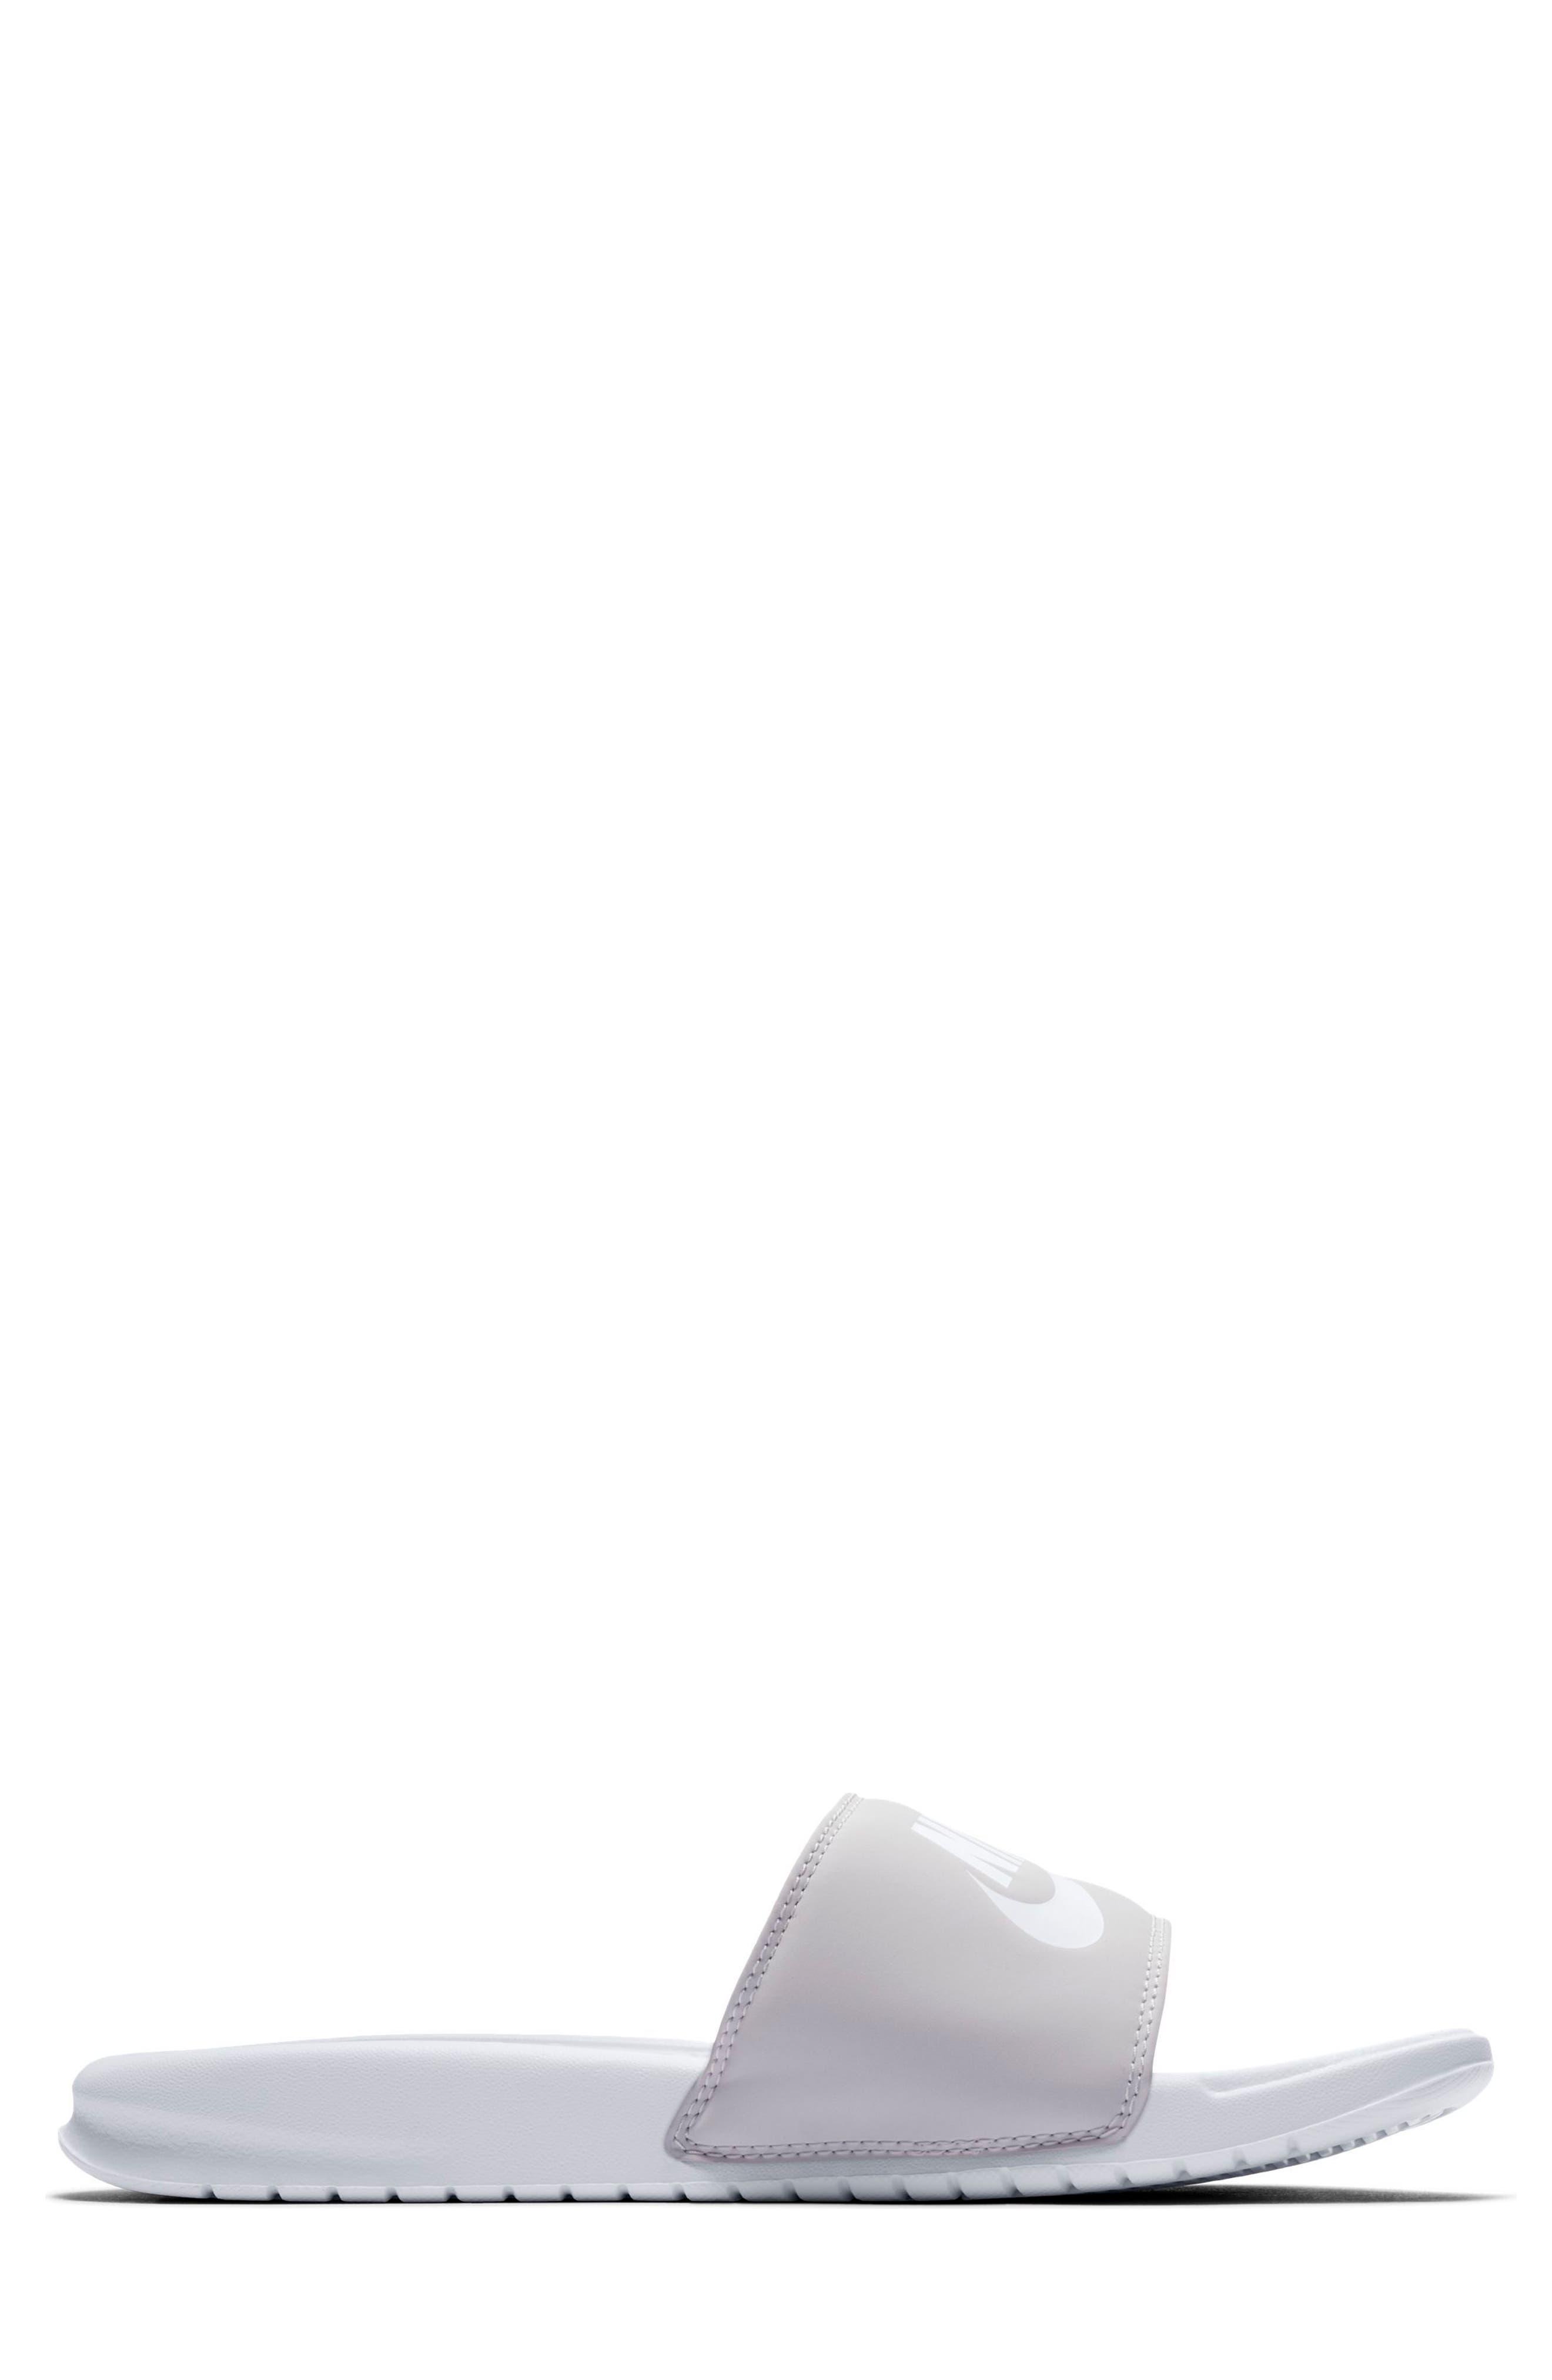 Benassi Slide Sandal,                             Alternate thumbnail 8, color,